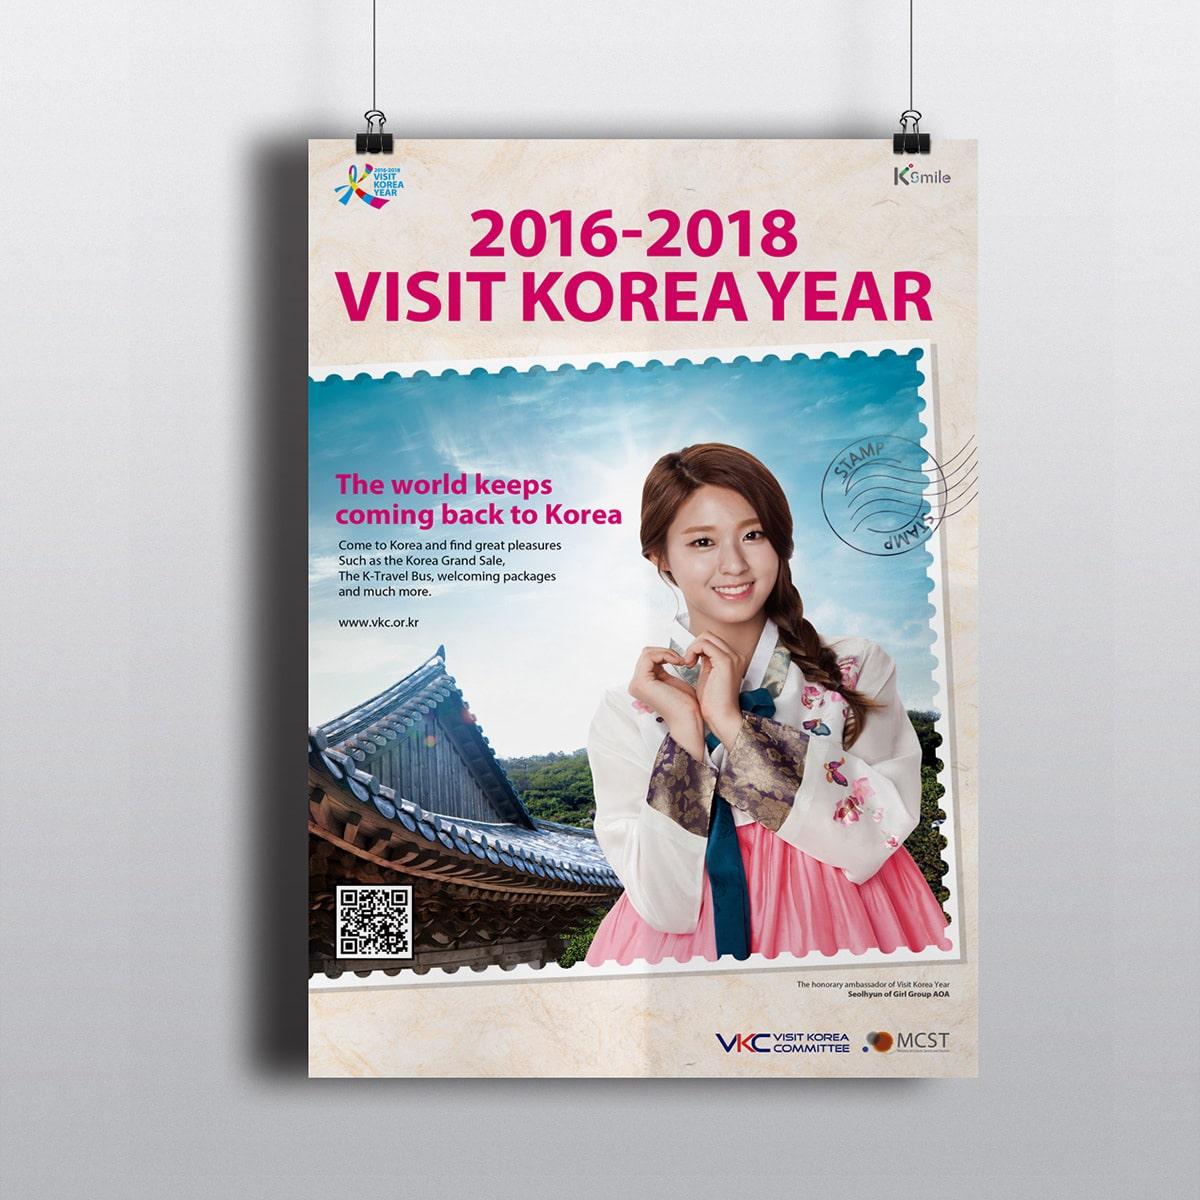 2016-2018 한국방문의 해 포스터 디자인 시안 -  한국관광공사